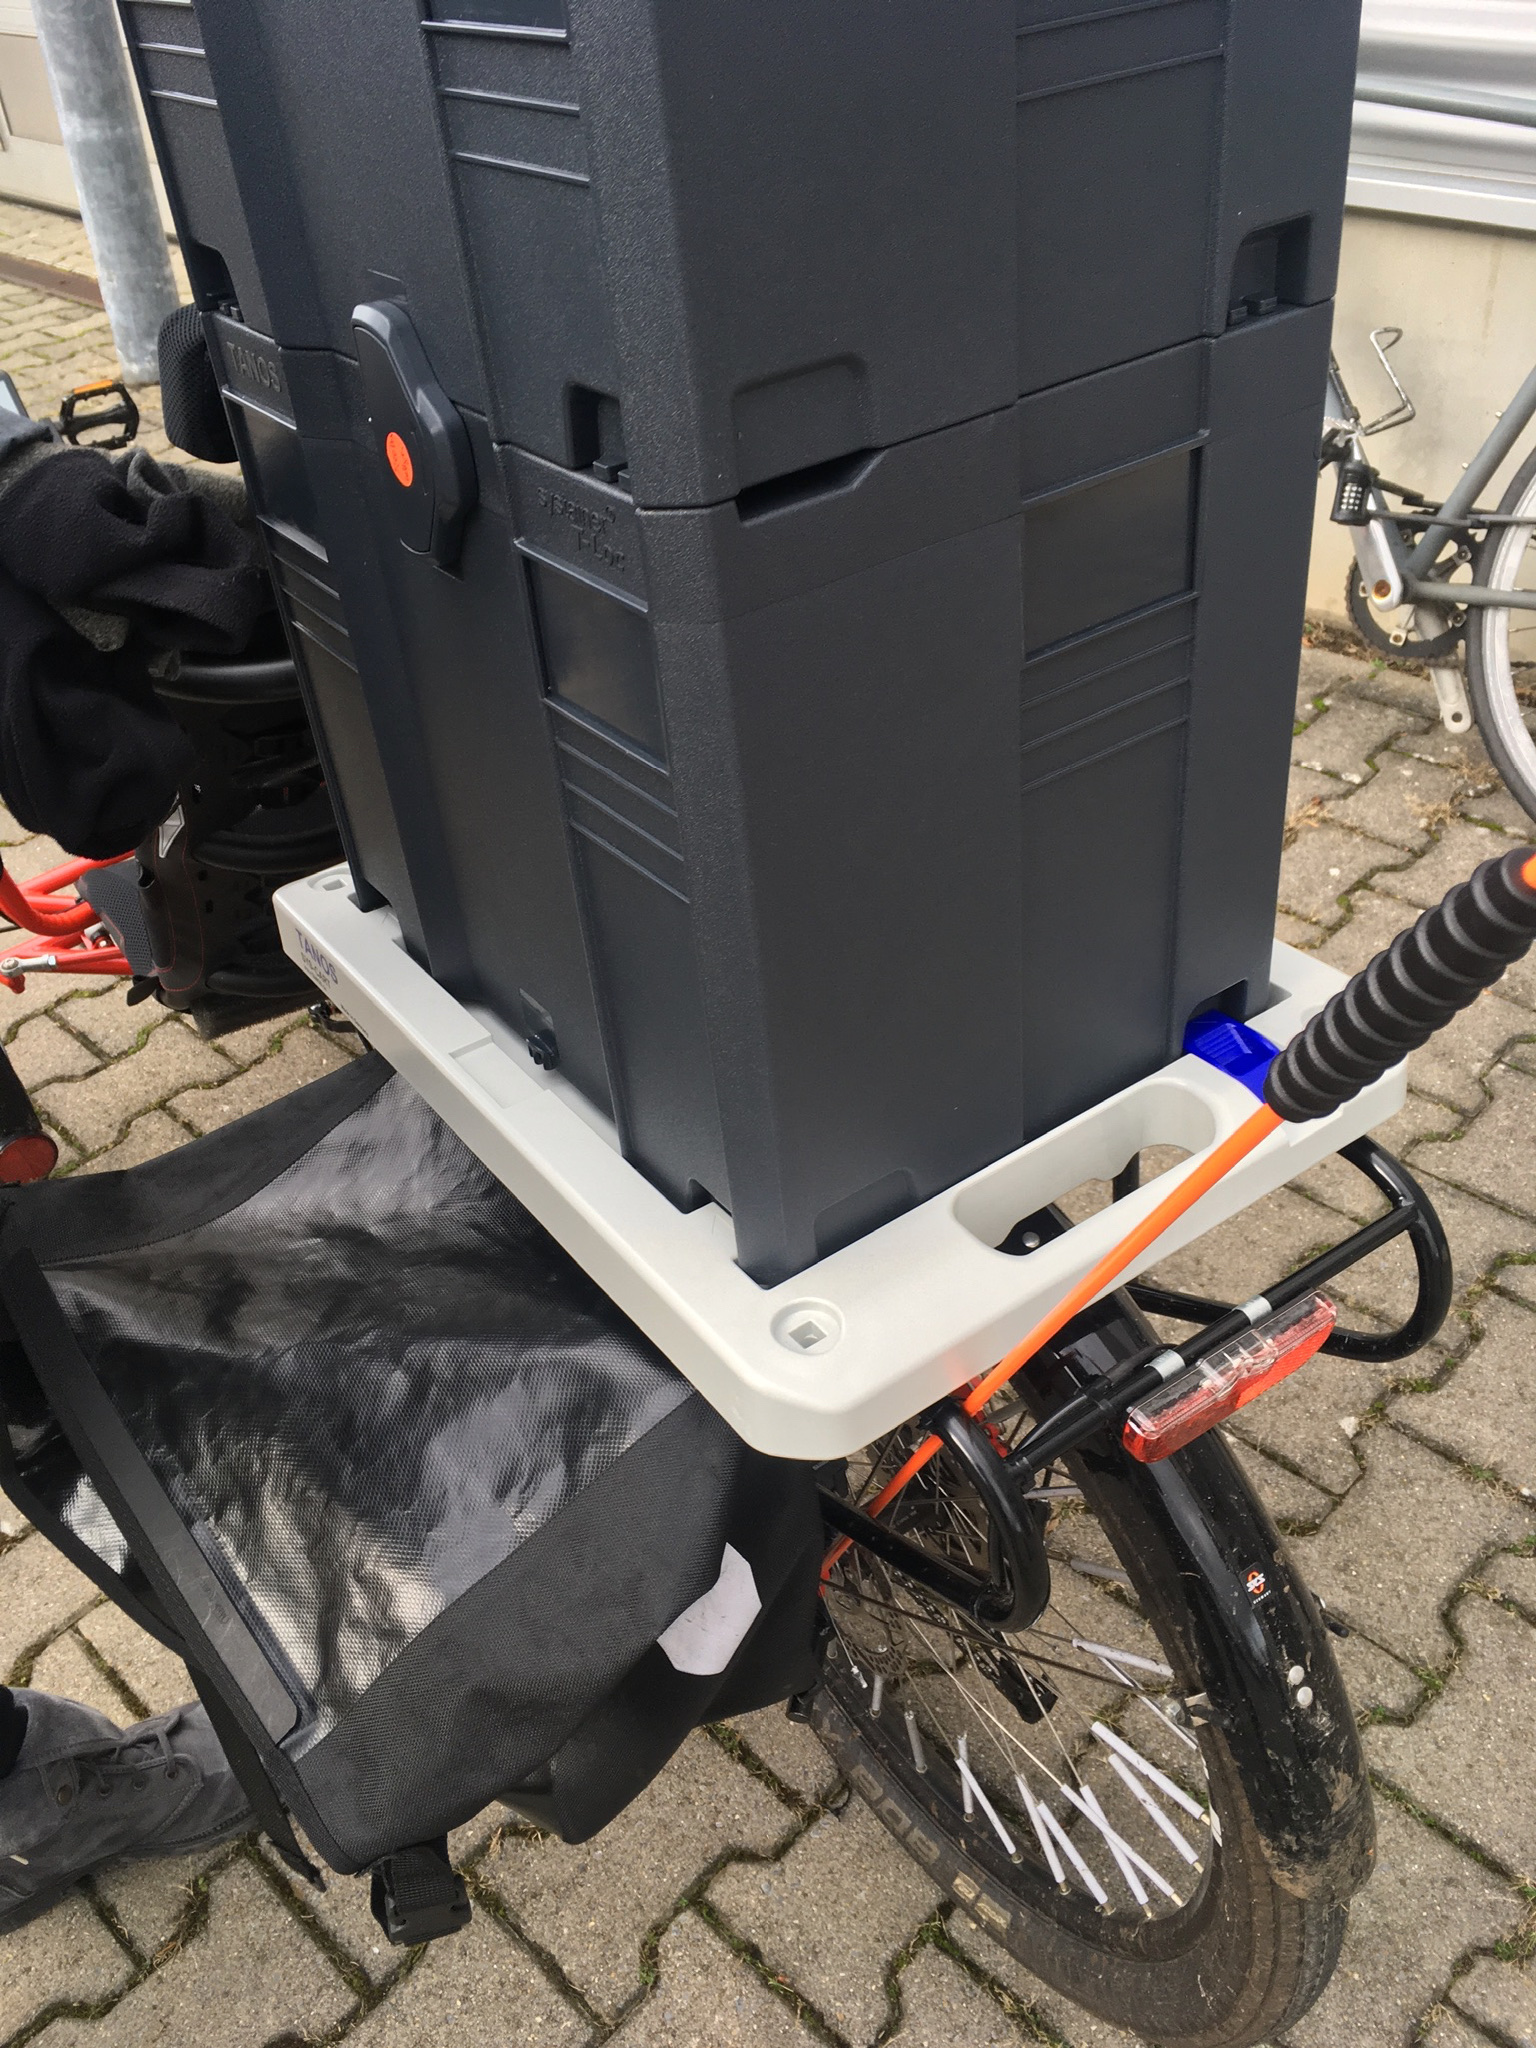 sys-plate-als-halterung-fuer-t-loc-systainer-auf-e-bike-dreirad